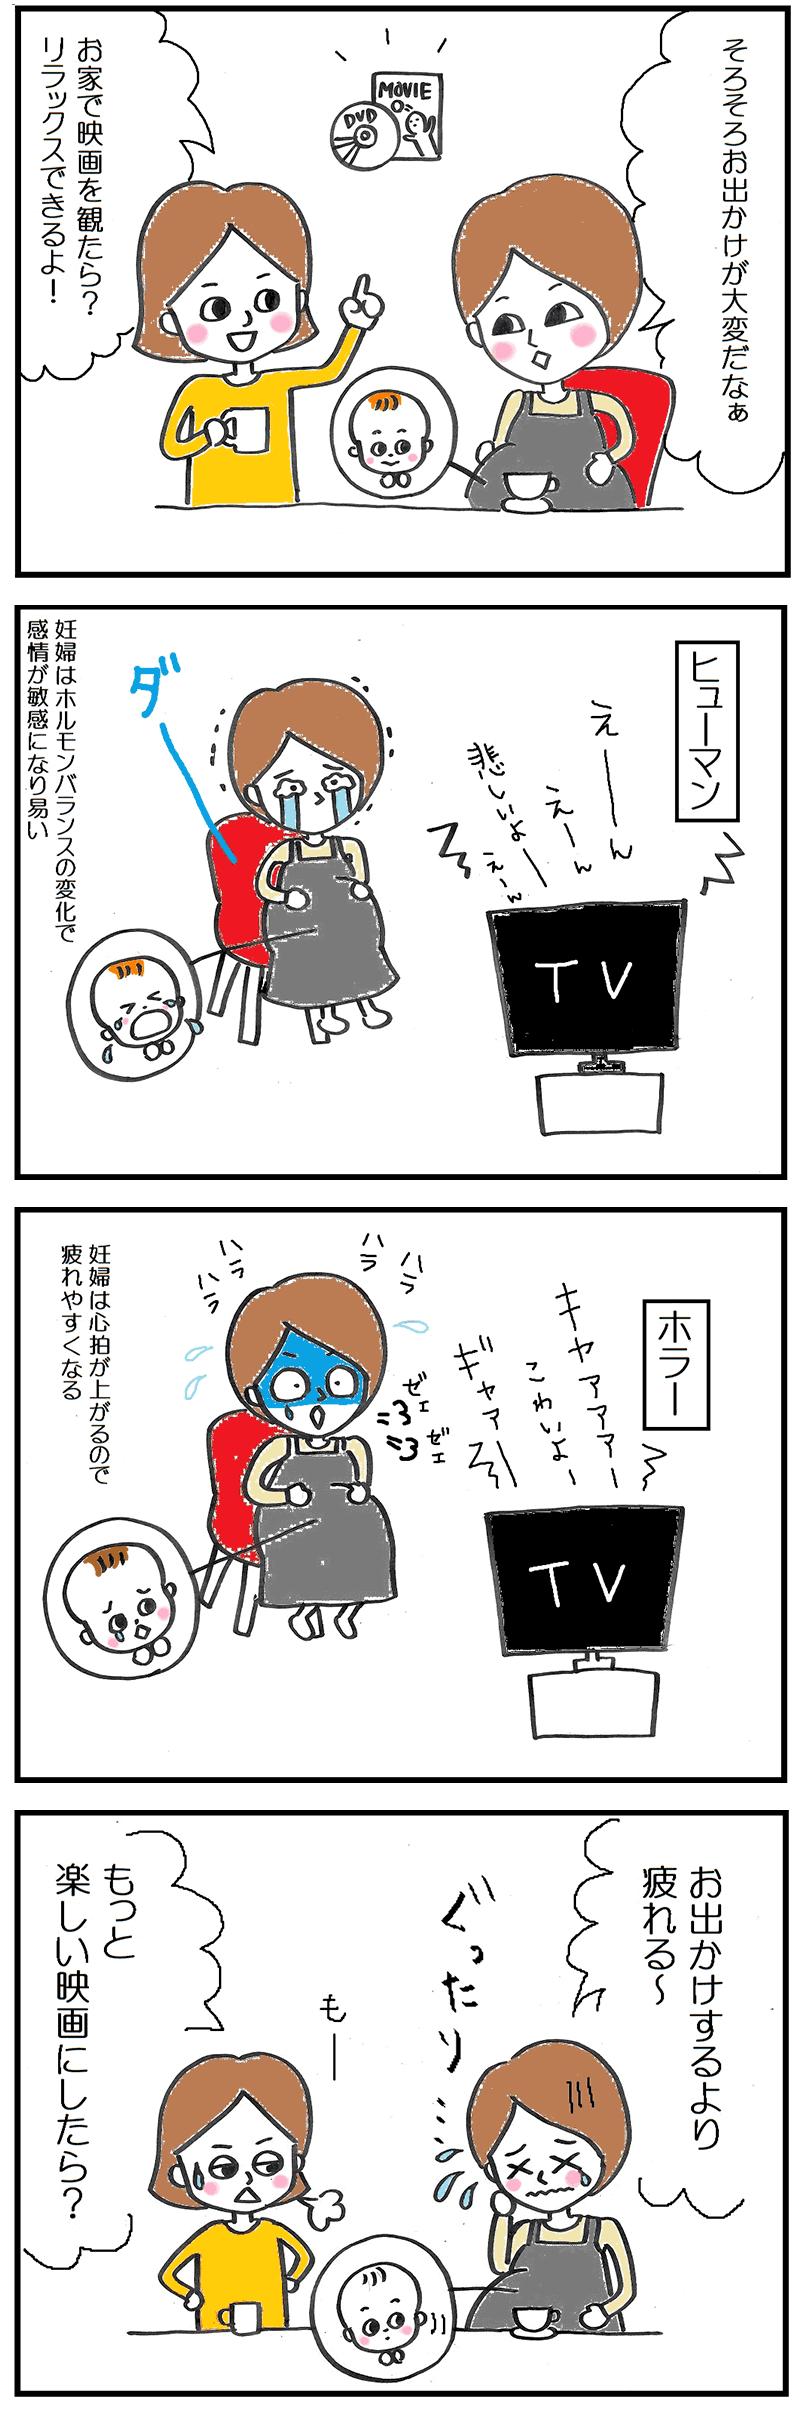 妊婦の映画の4コマ漫画